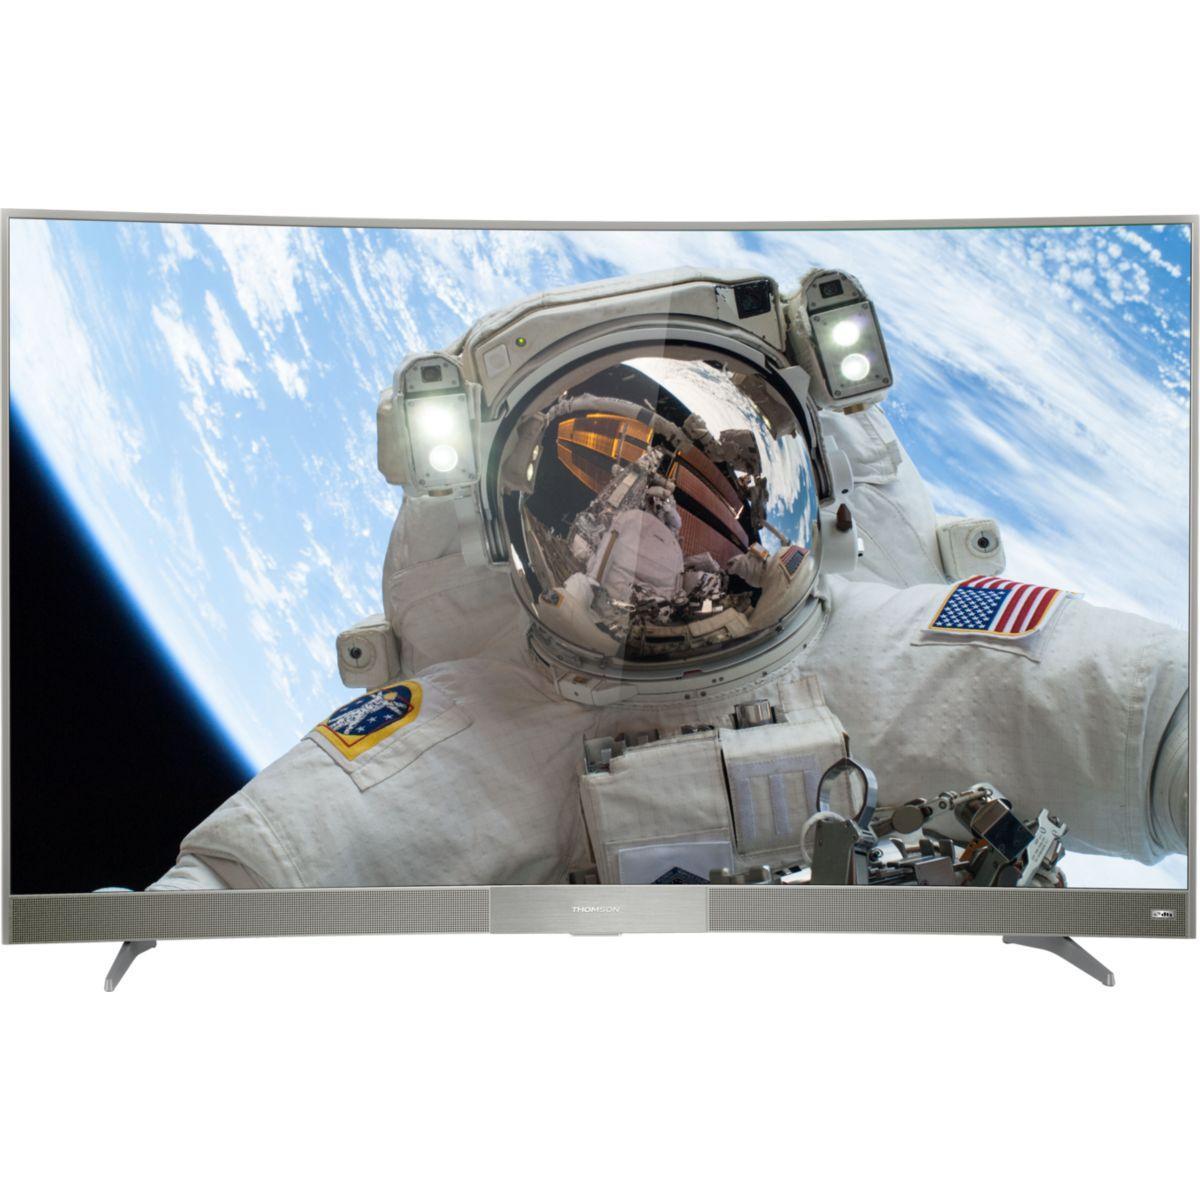 Tv led thomson 55uc6596 - 2% de remise imm�diate avec le code : deal2